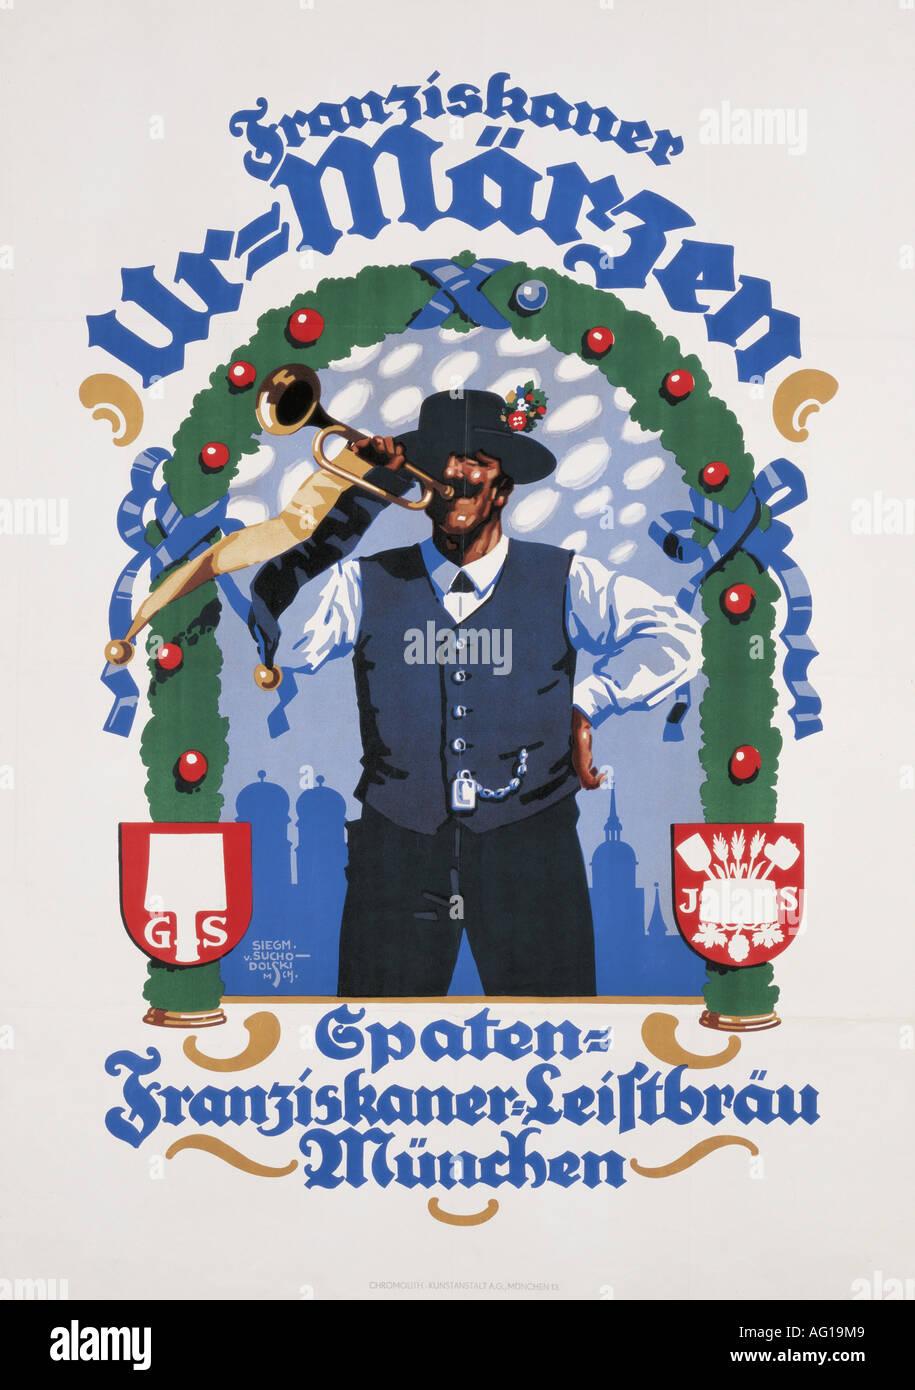 Poster design 1920s - Munich 1920s 20s Poster Design By Sigmund Von Suchodolski 1875 1935 Fine Arts Historical Stock Photos Munich 1920s 20s Poster